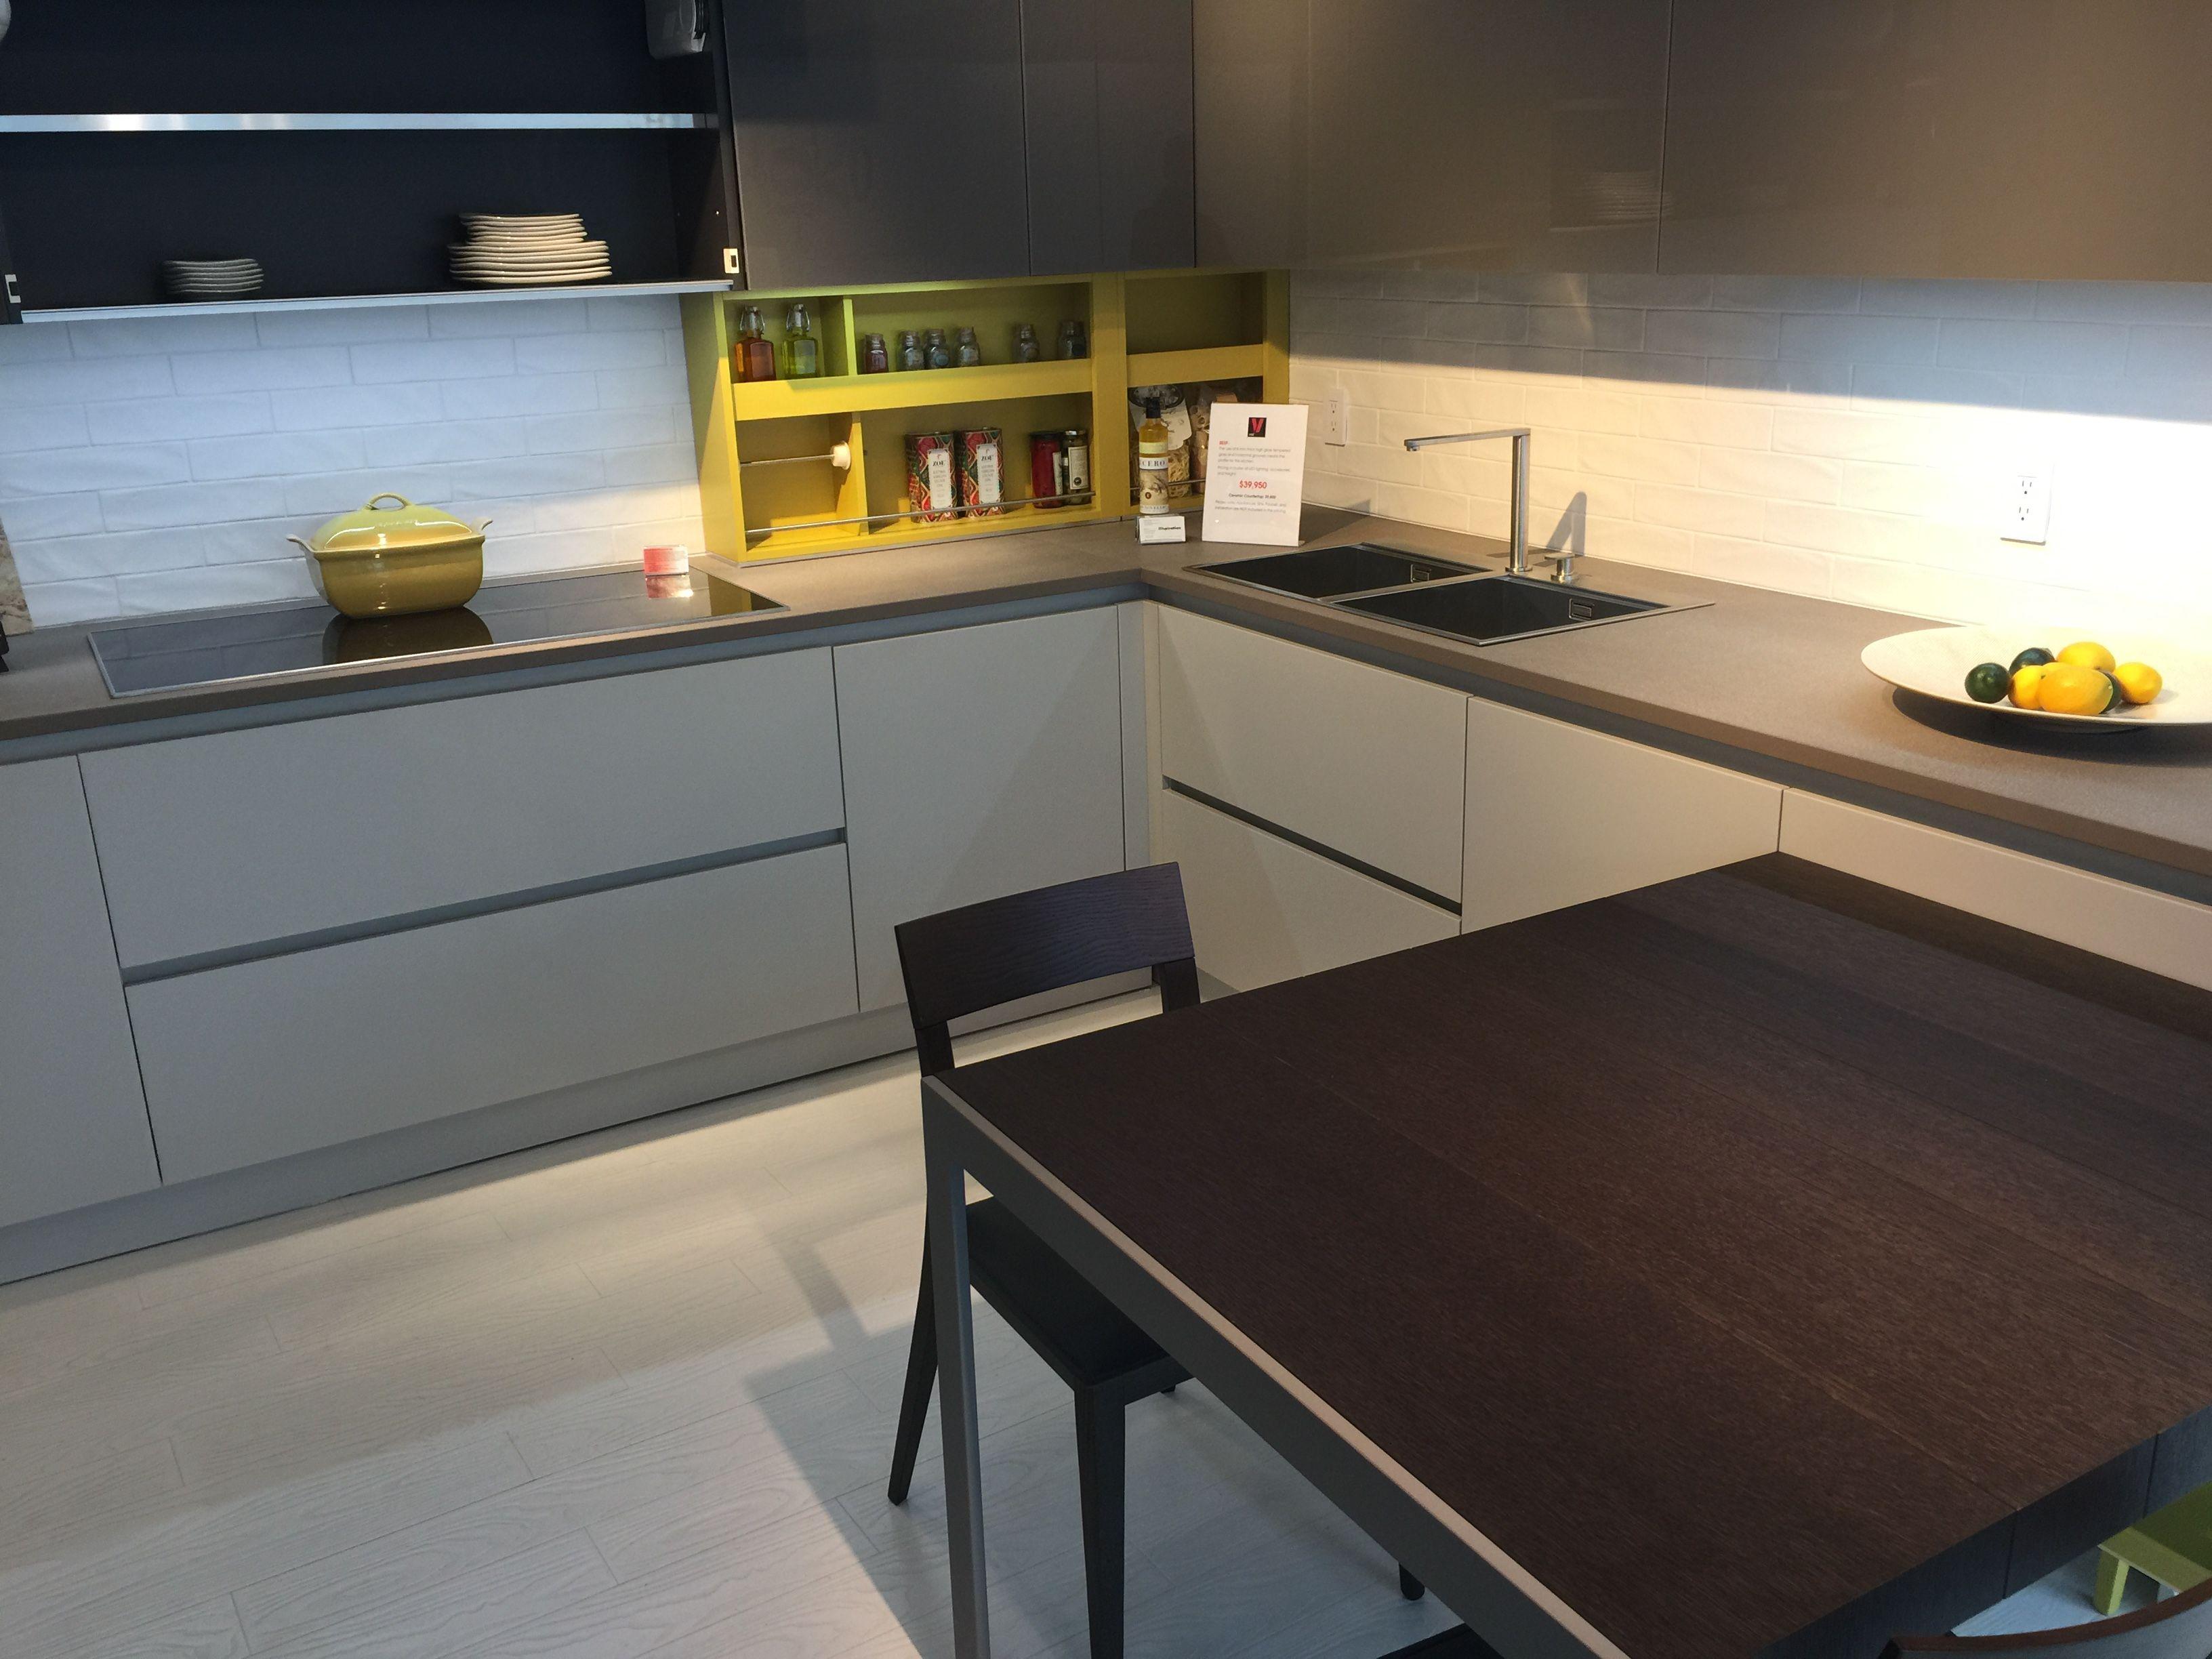 Pin by Jonathan Awa on Renovation Ideas   Kitchen cabinets ...